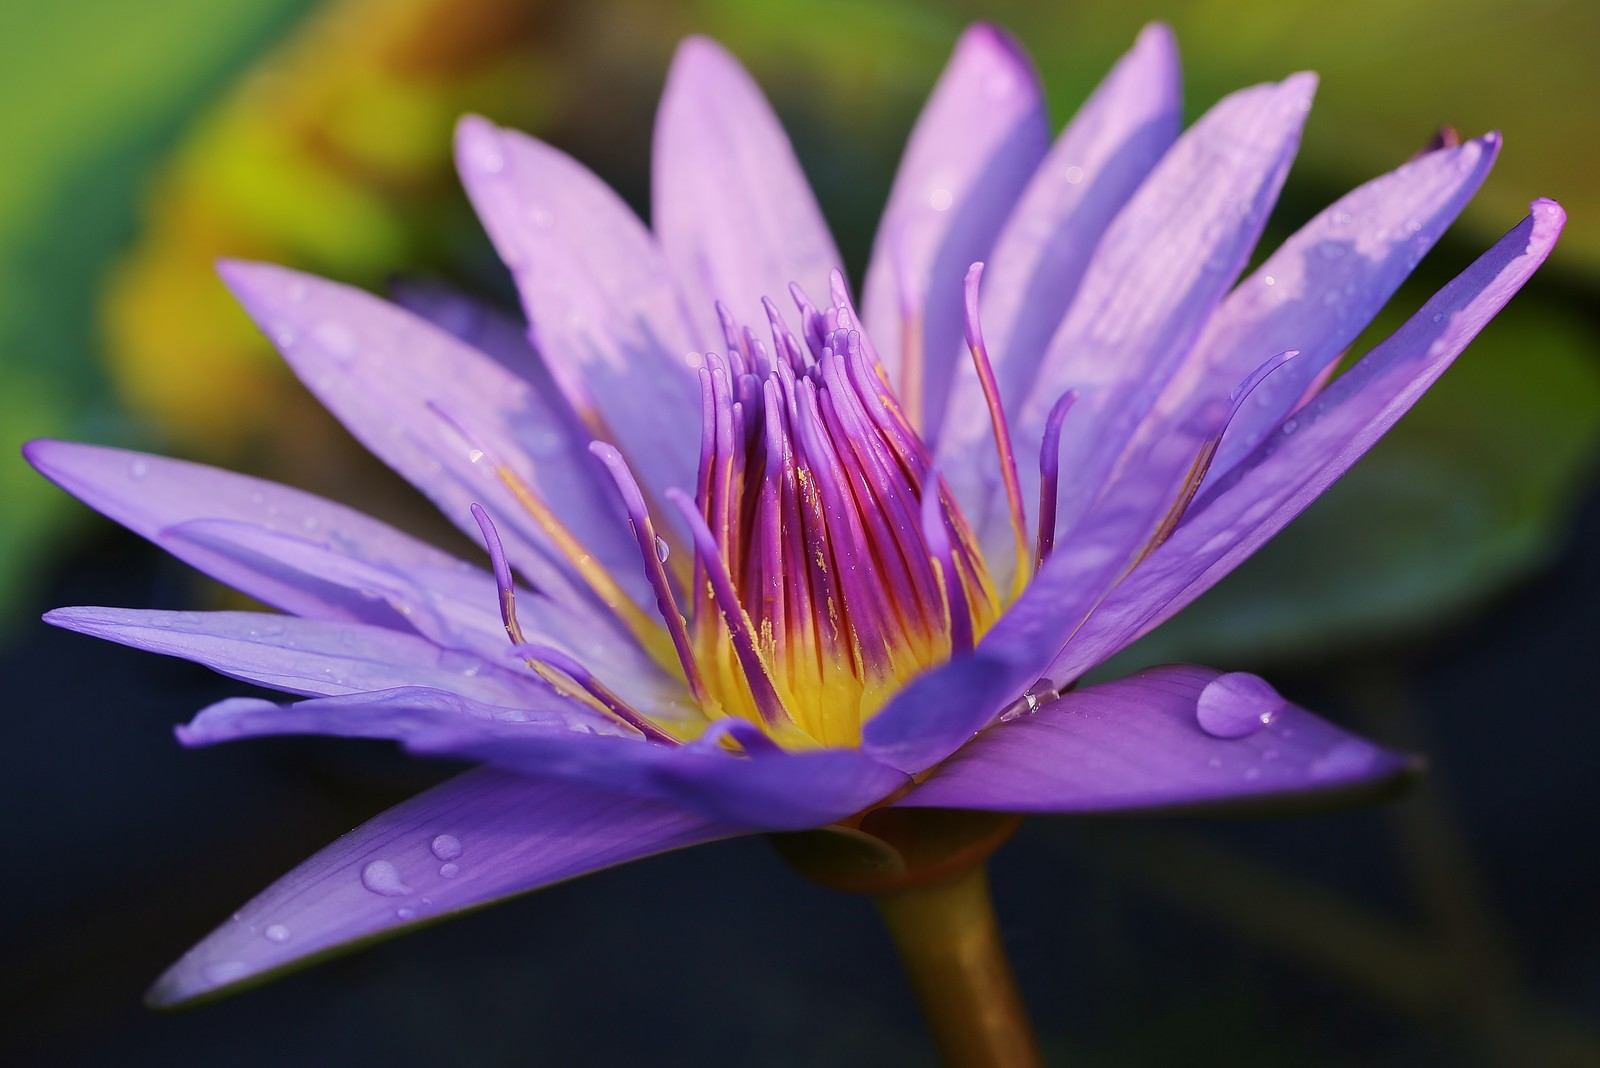 「水滴と睡蓮の花」の写真